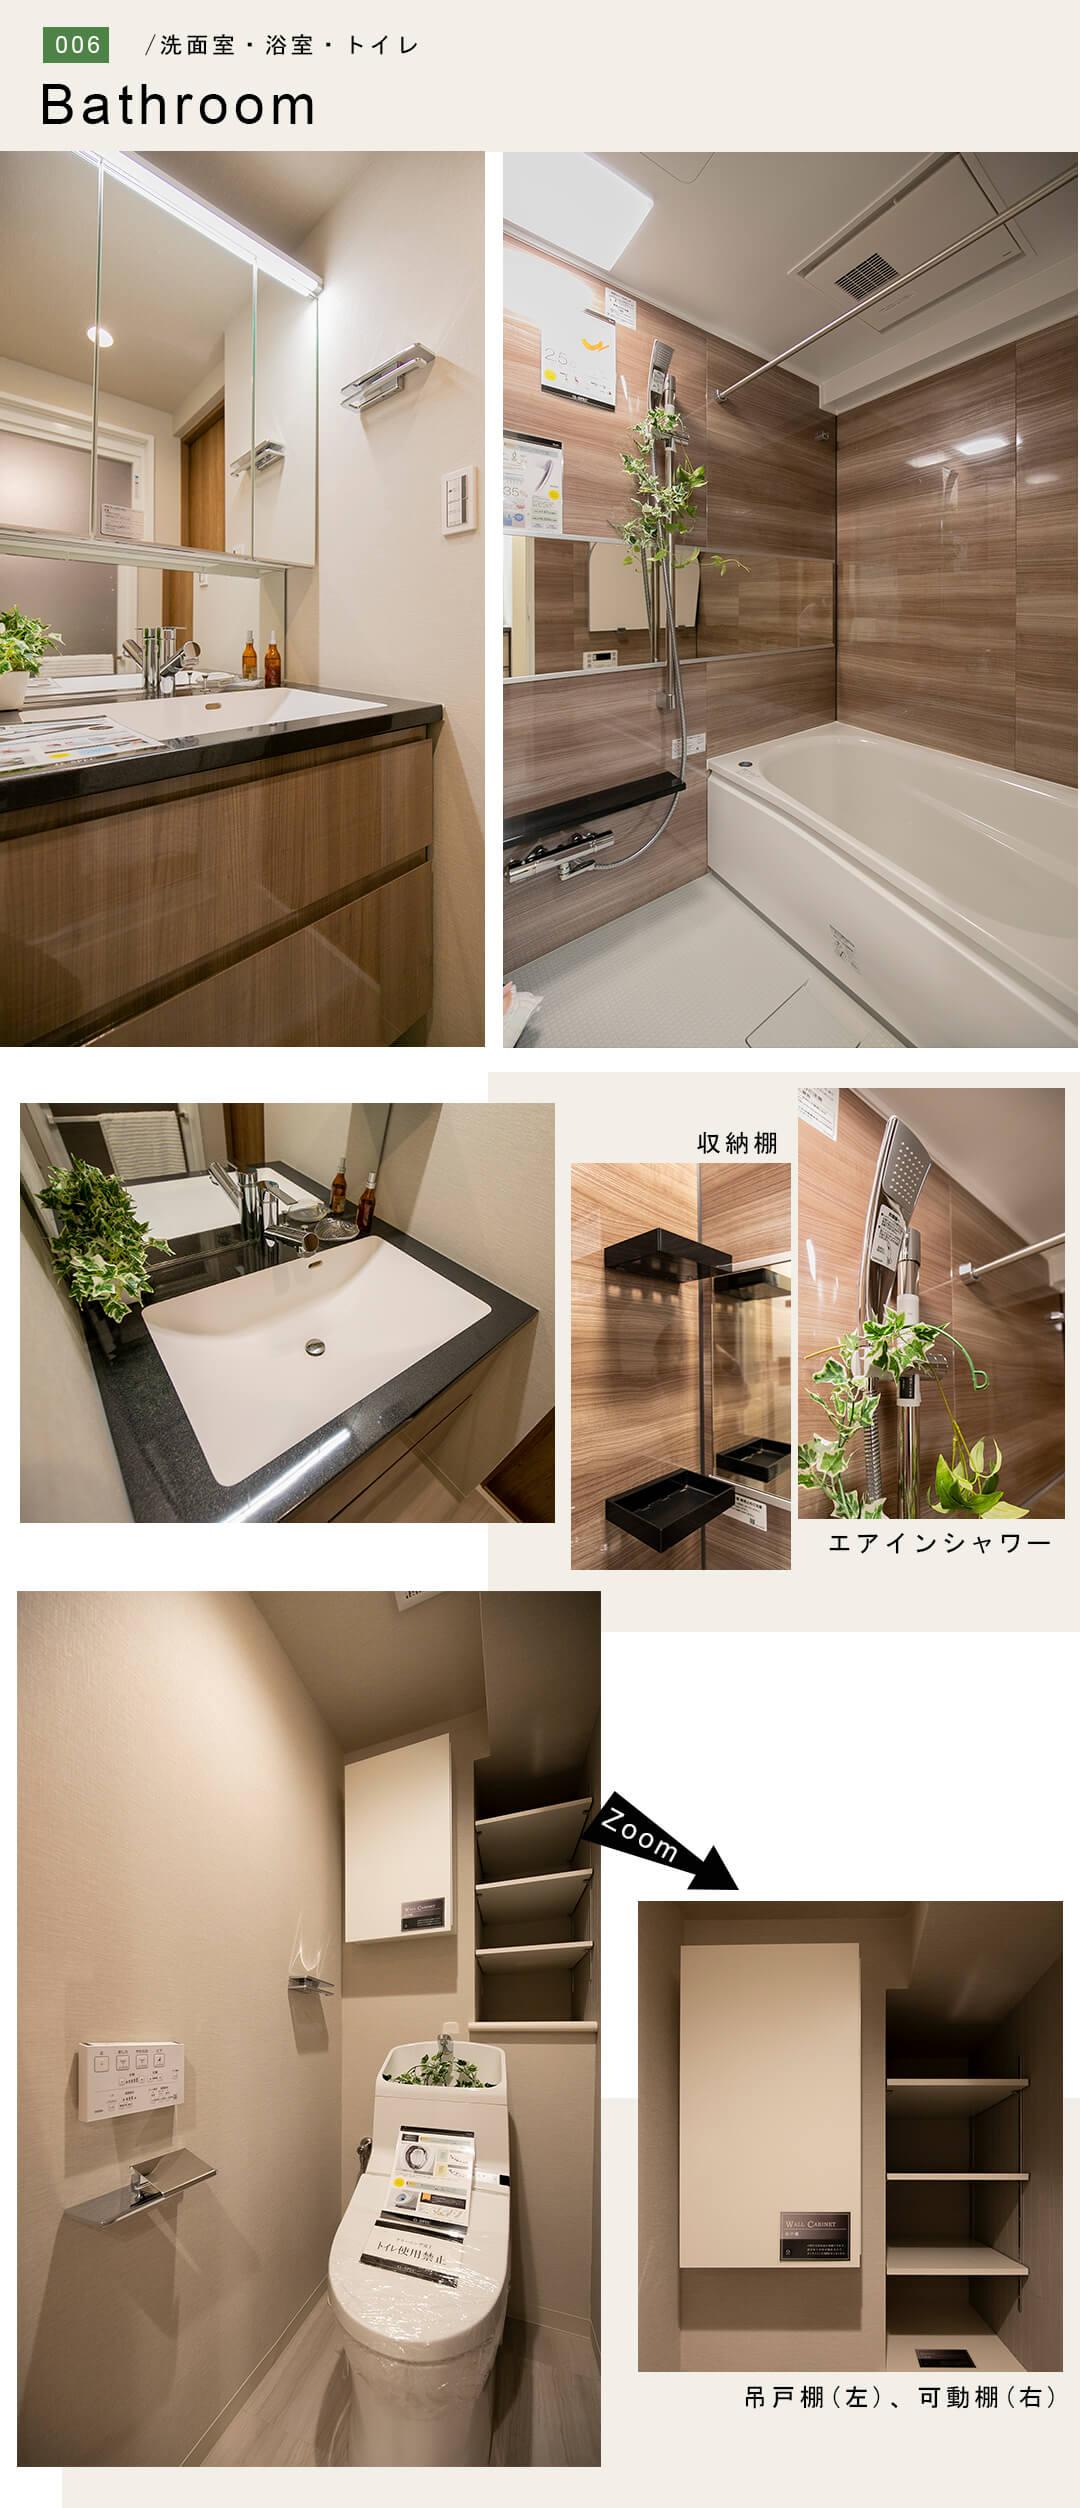 学芸大学パインマンションの洗面室と浴室とトイレ